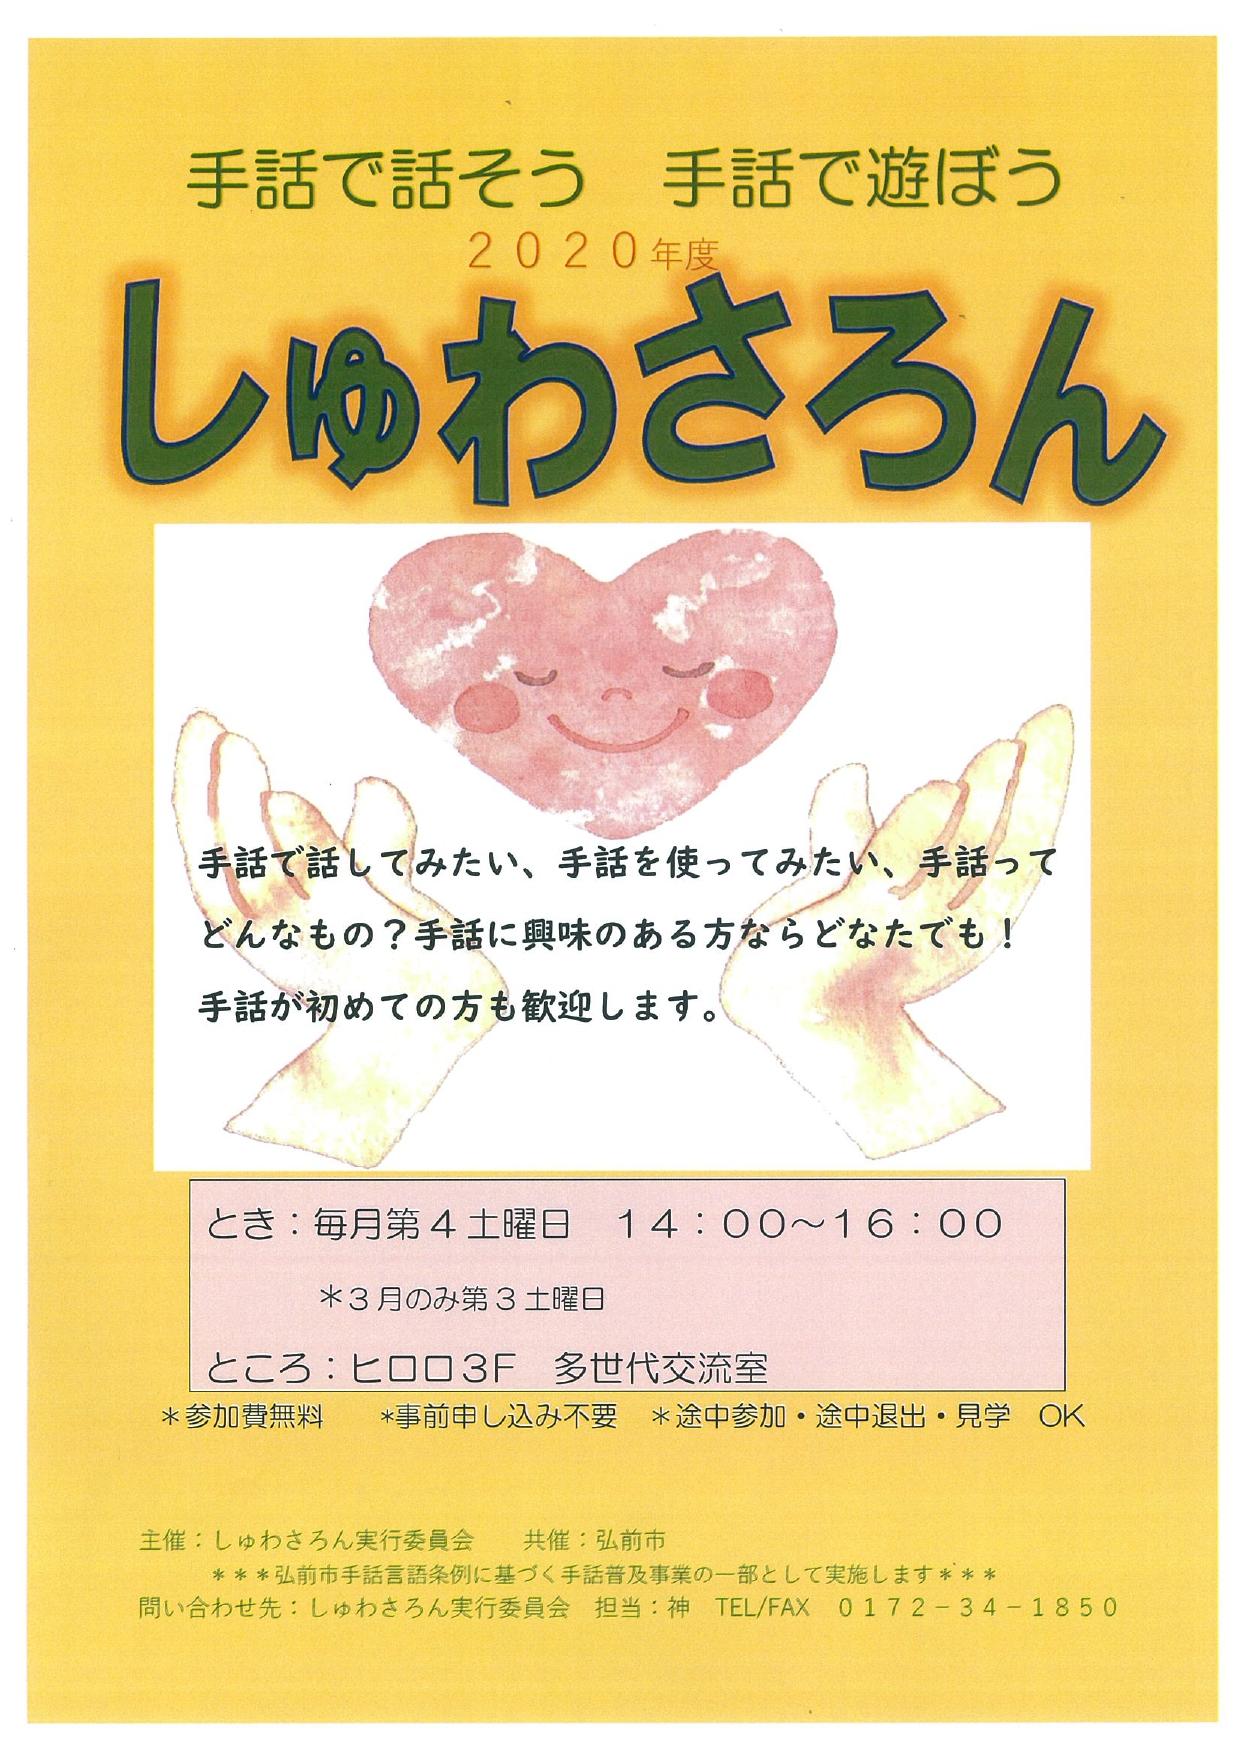 しゅわさろん_page-0001.jpg